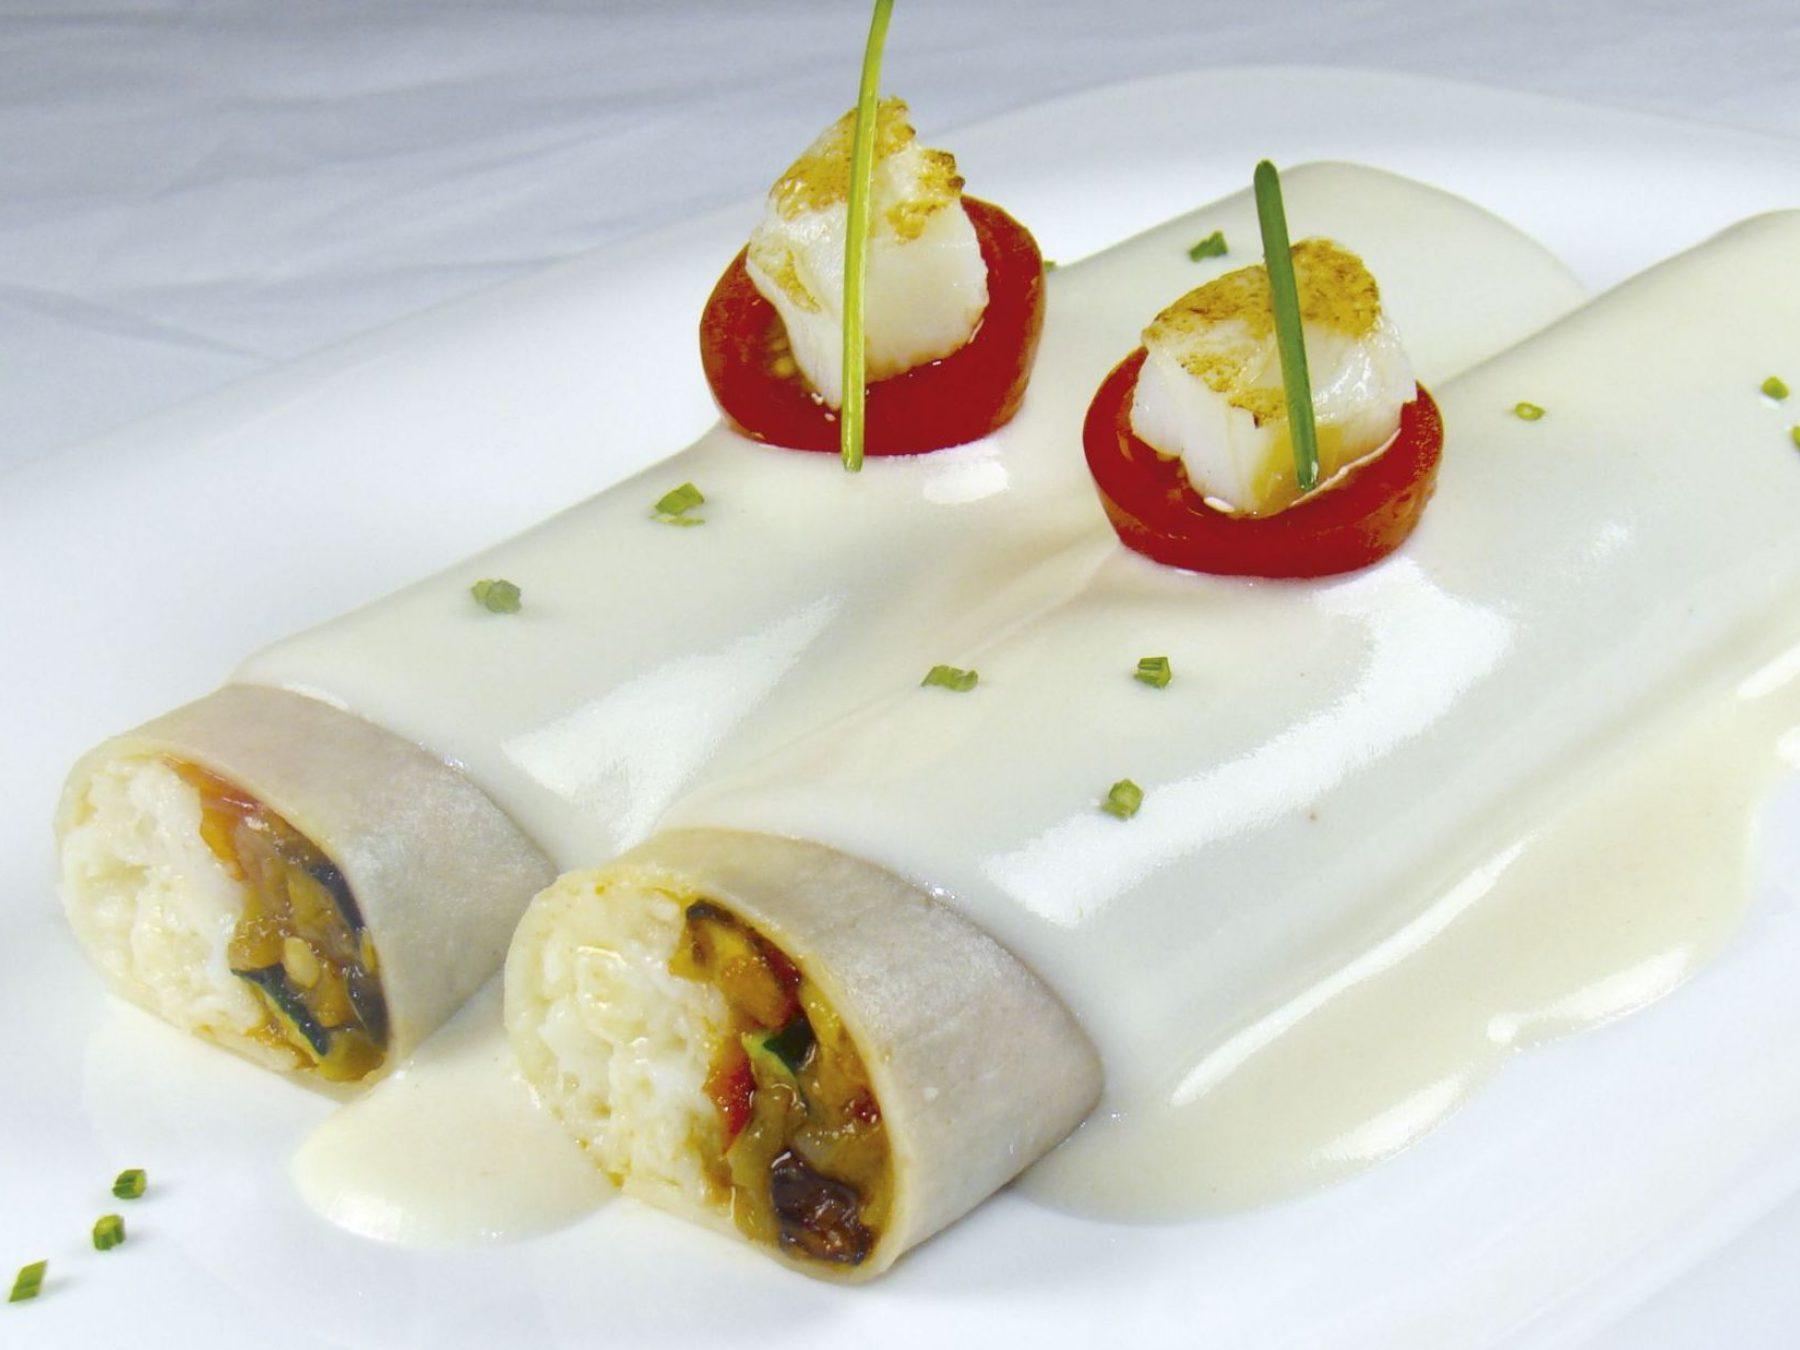 Canelón de pasta fresca con humus y pastel de piquillo